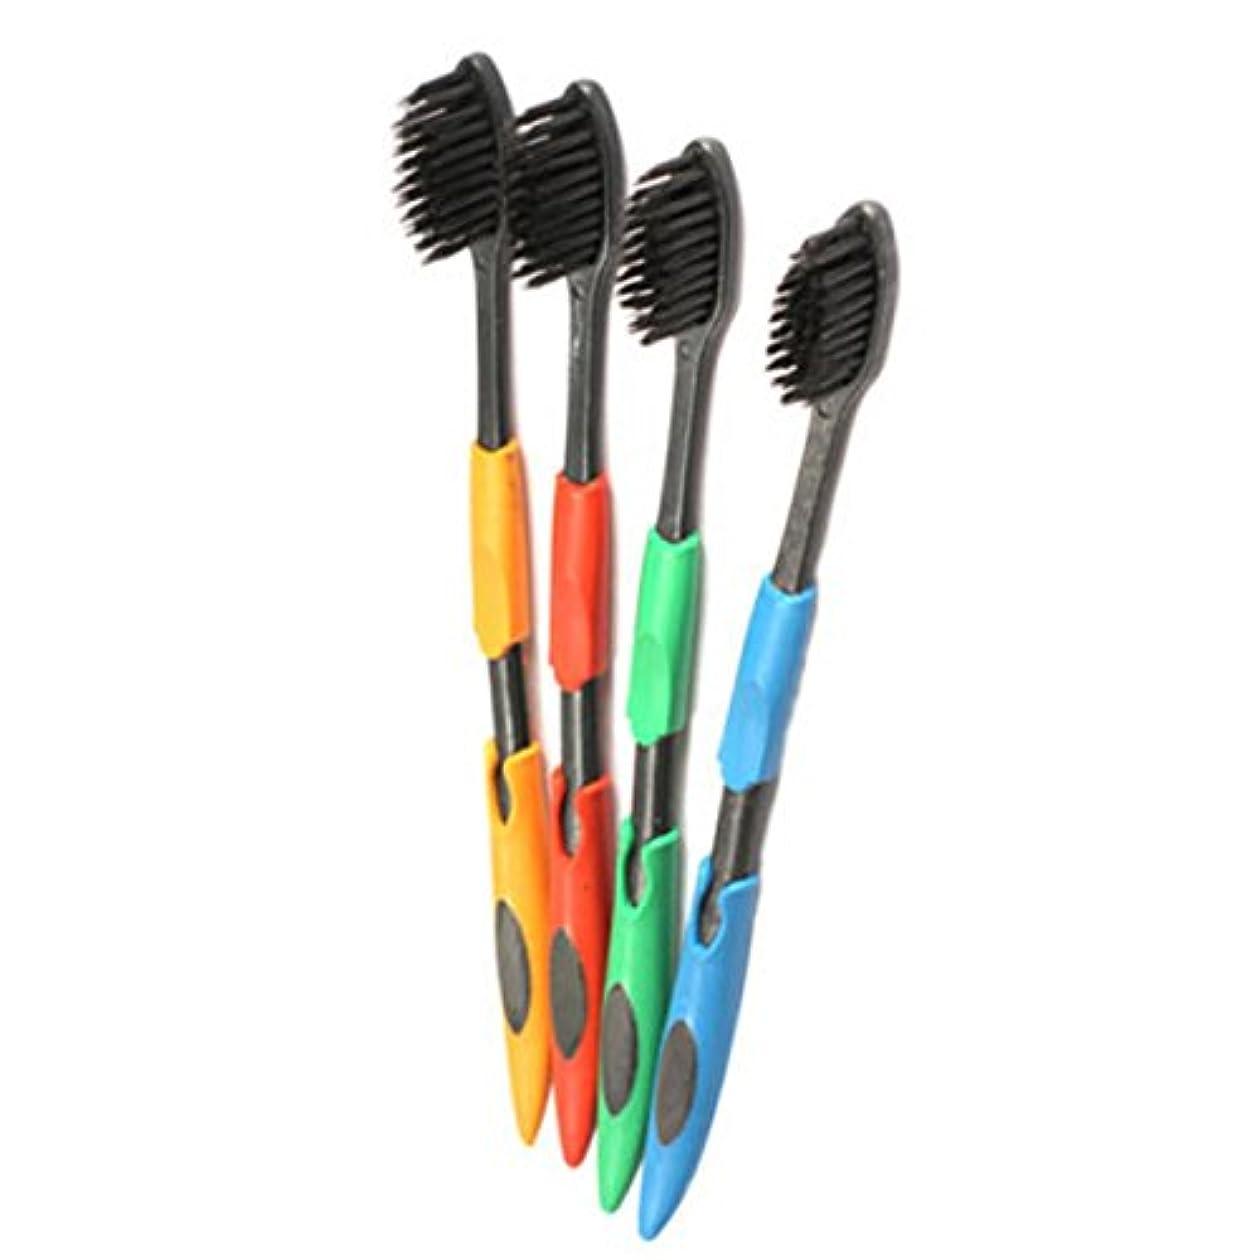 最大化するクマノミ立ち向かうGeneric 4 pcs/set Double Ultra Soft Toothbrush Bamboo Charcoal Nano Brush Oral Dental Care Set Travel Supplies